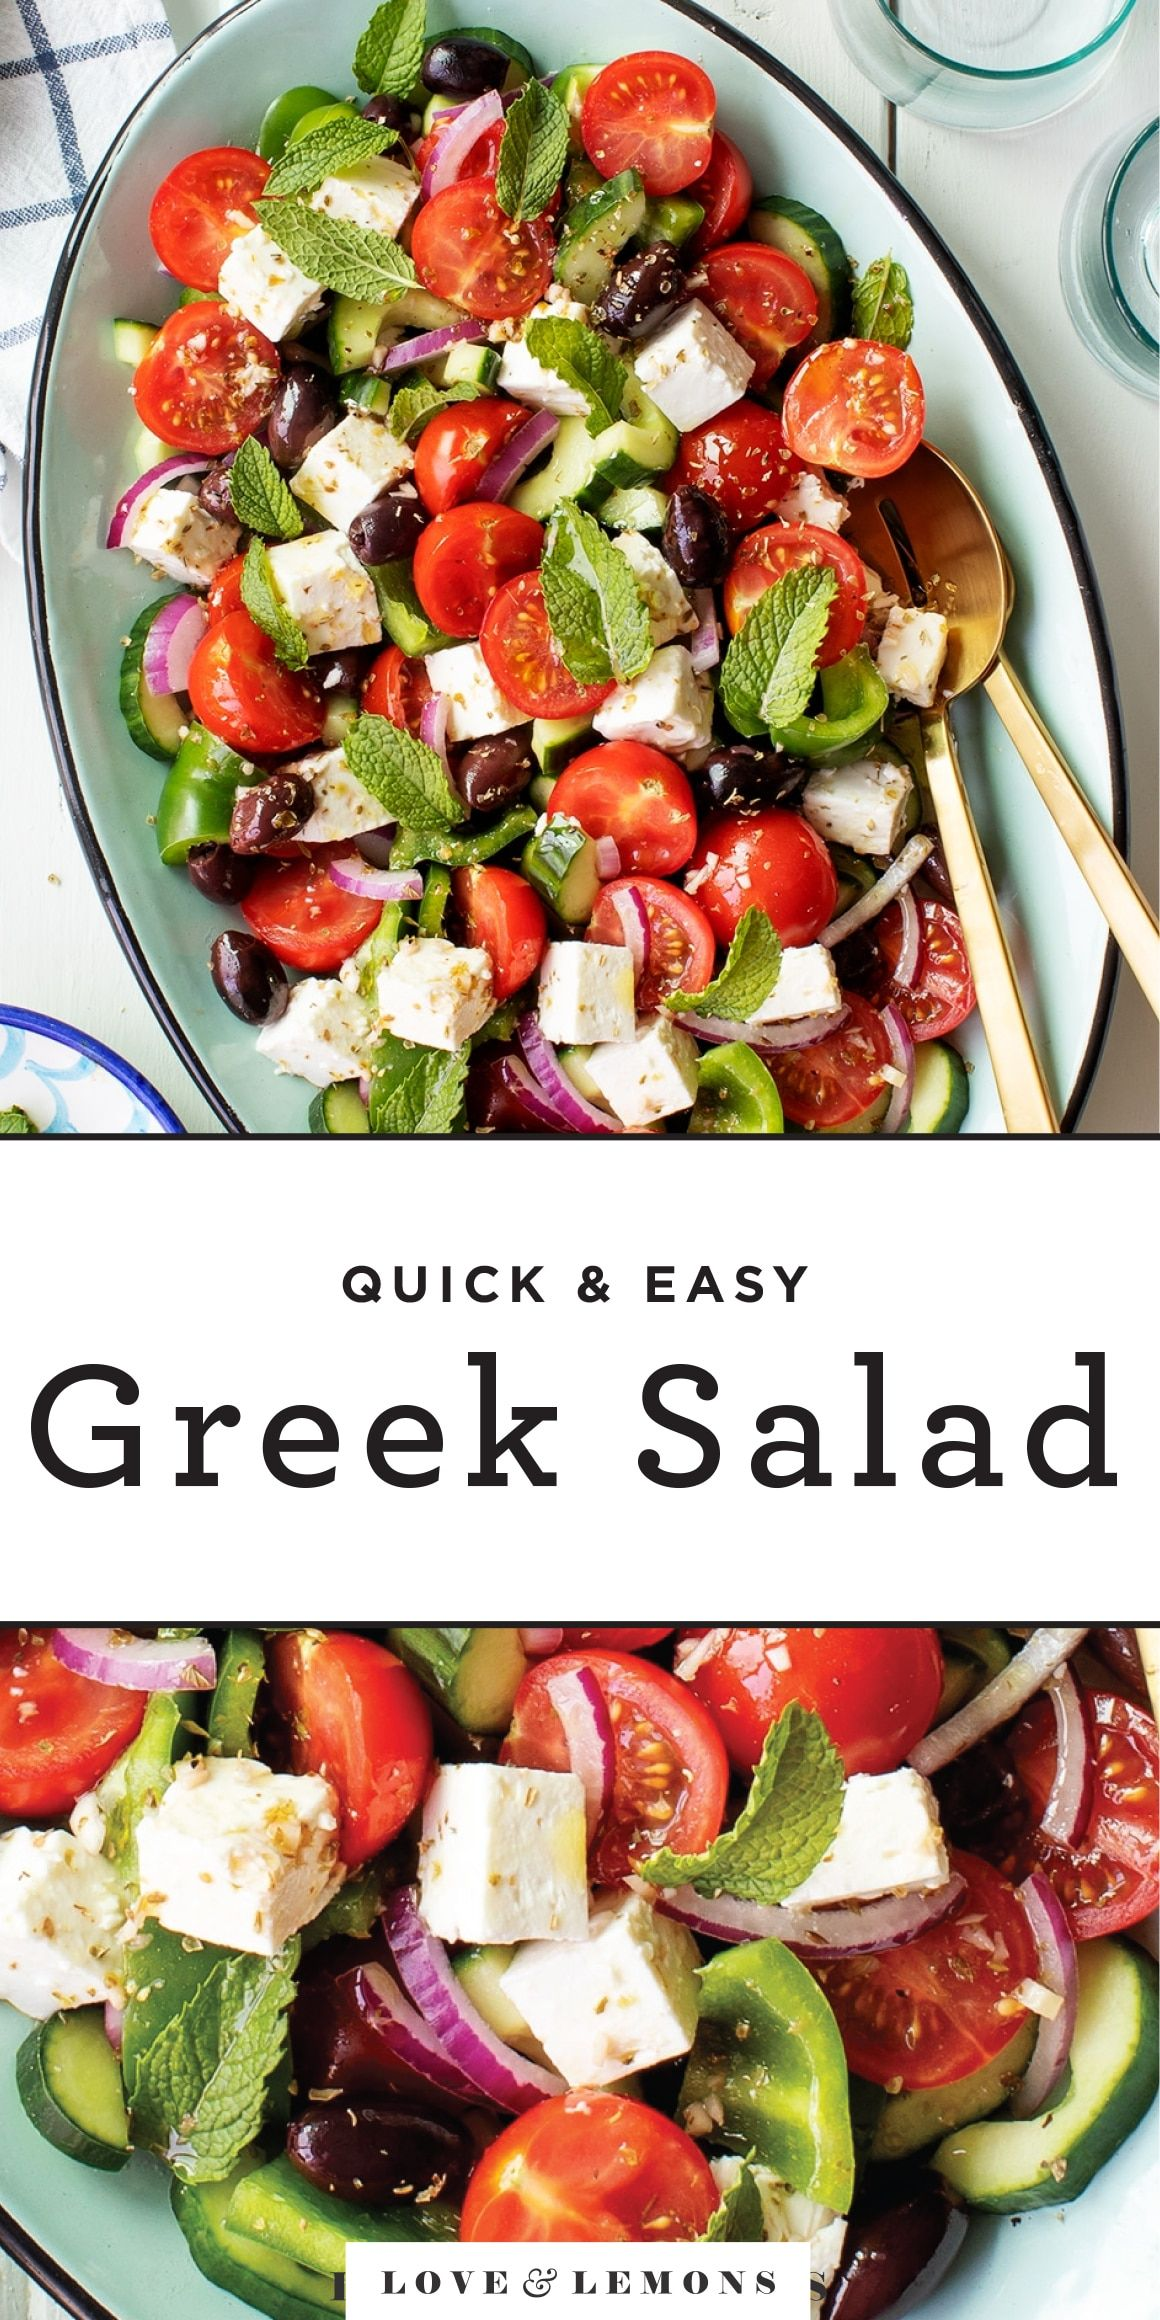 Greek Salad Recipe Love And Lemons Recipe In 2020 Greek Salad Easy Greek Salad Recipe Greek Salad Ingredients